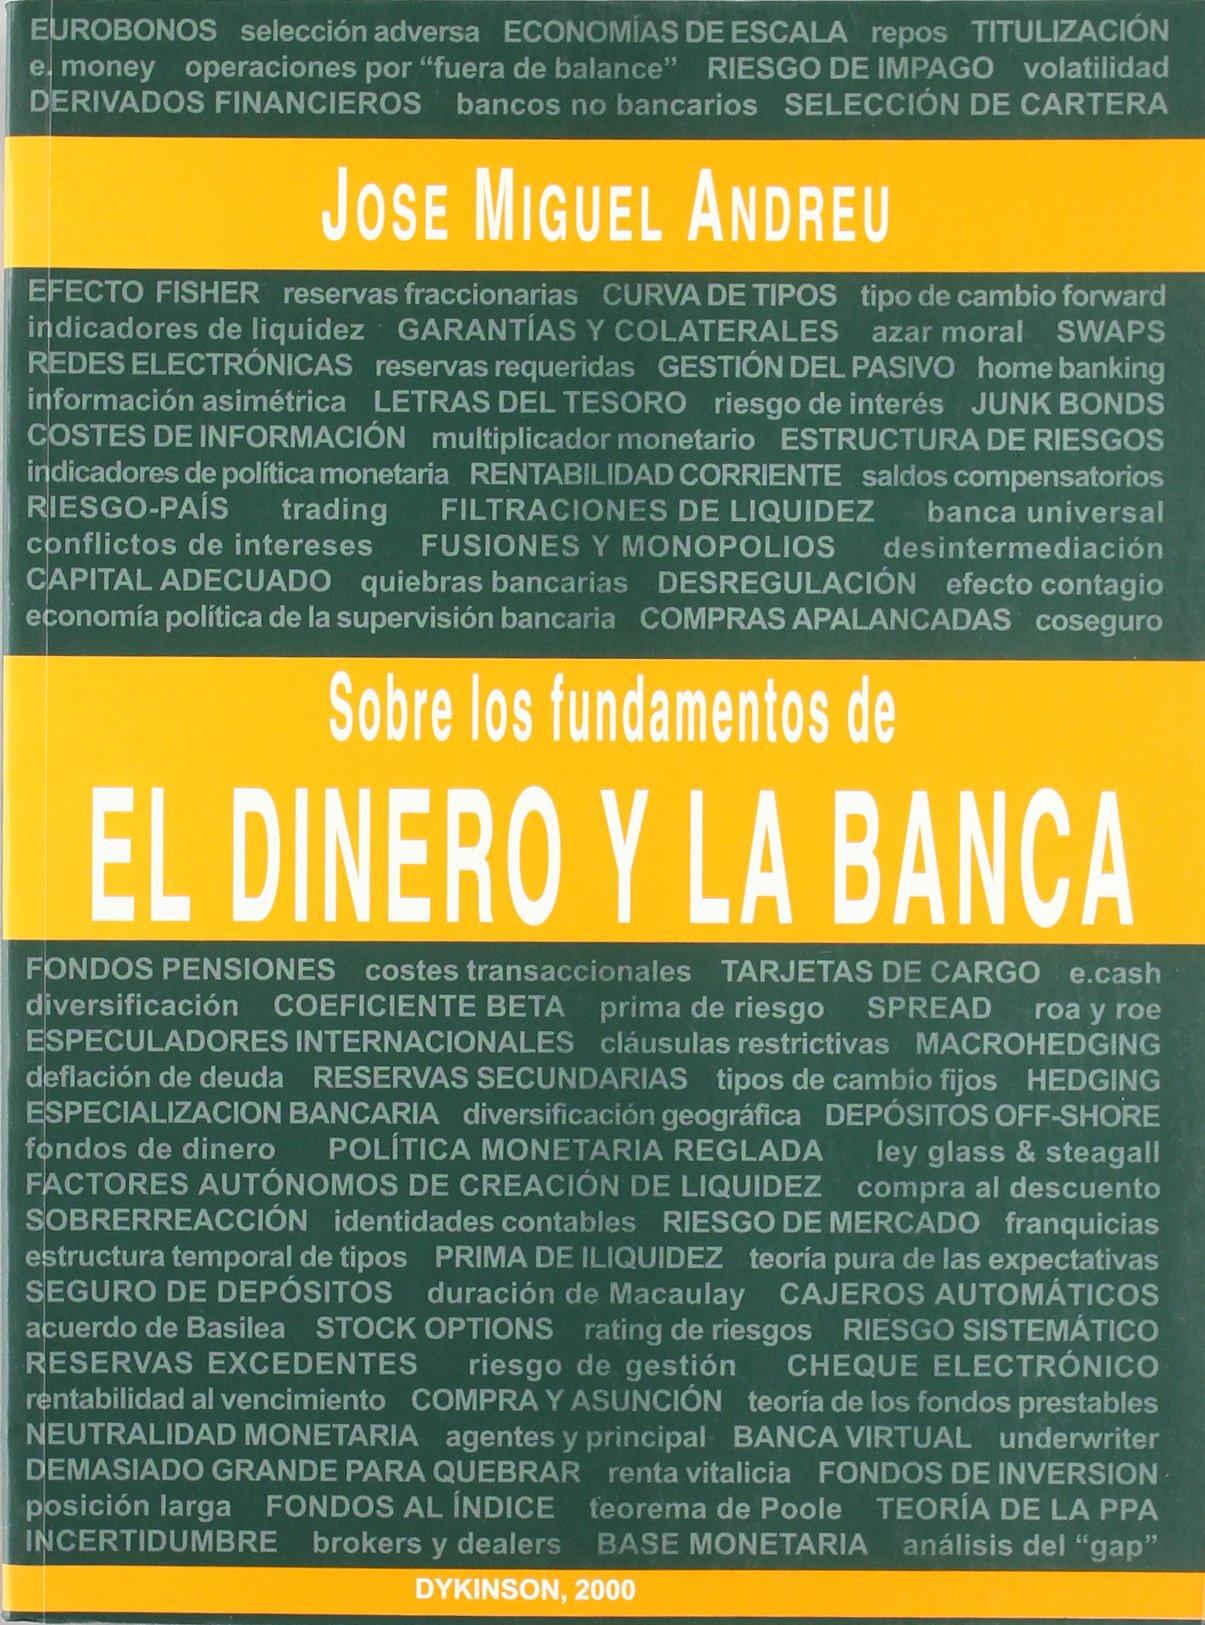 Sobre Los Fundamentos Del Dinero Y La Banca (Spanish Edition): José Miguelandreu García: 9788481556704: Amazon.com: Books